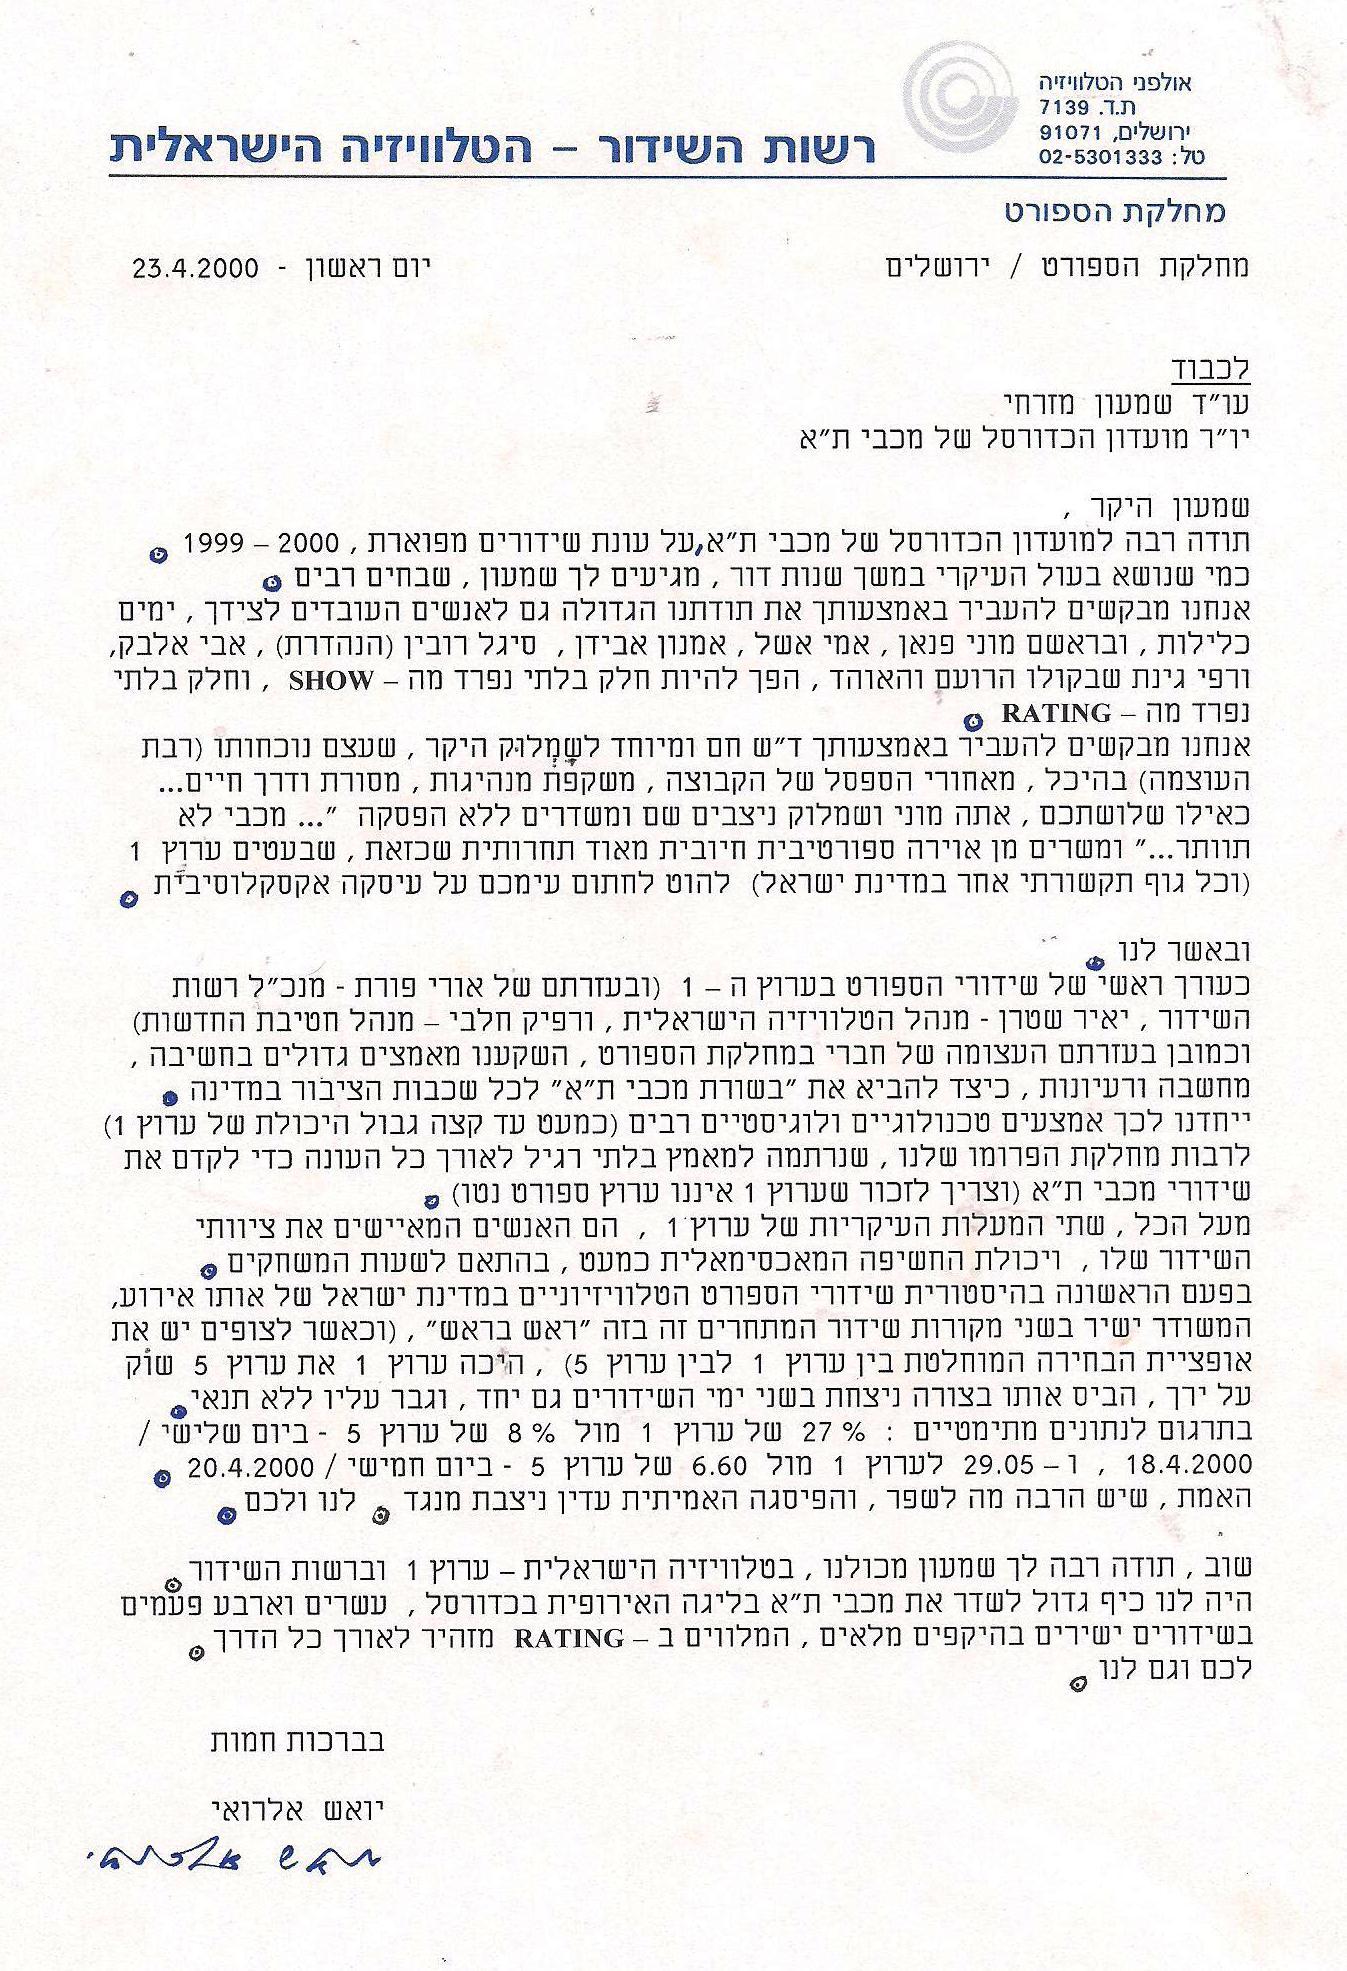 mizrahi 1